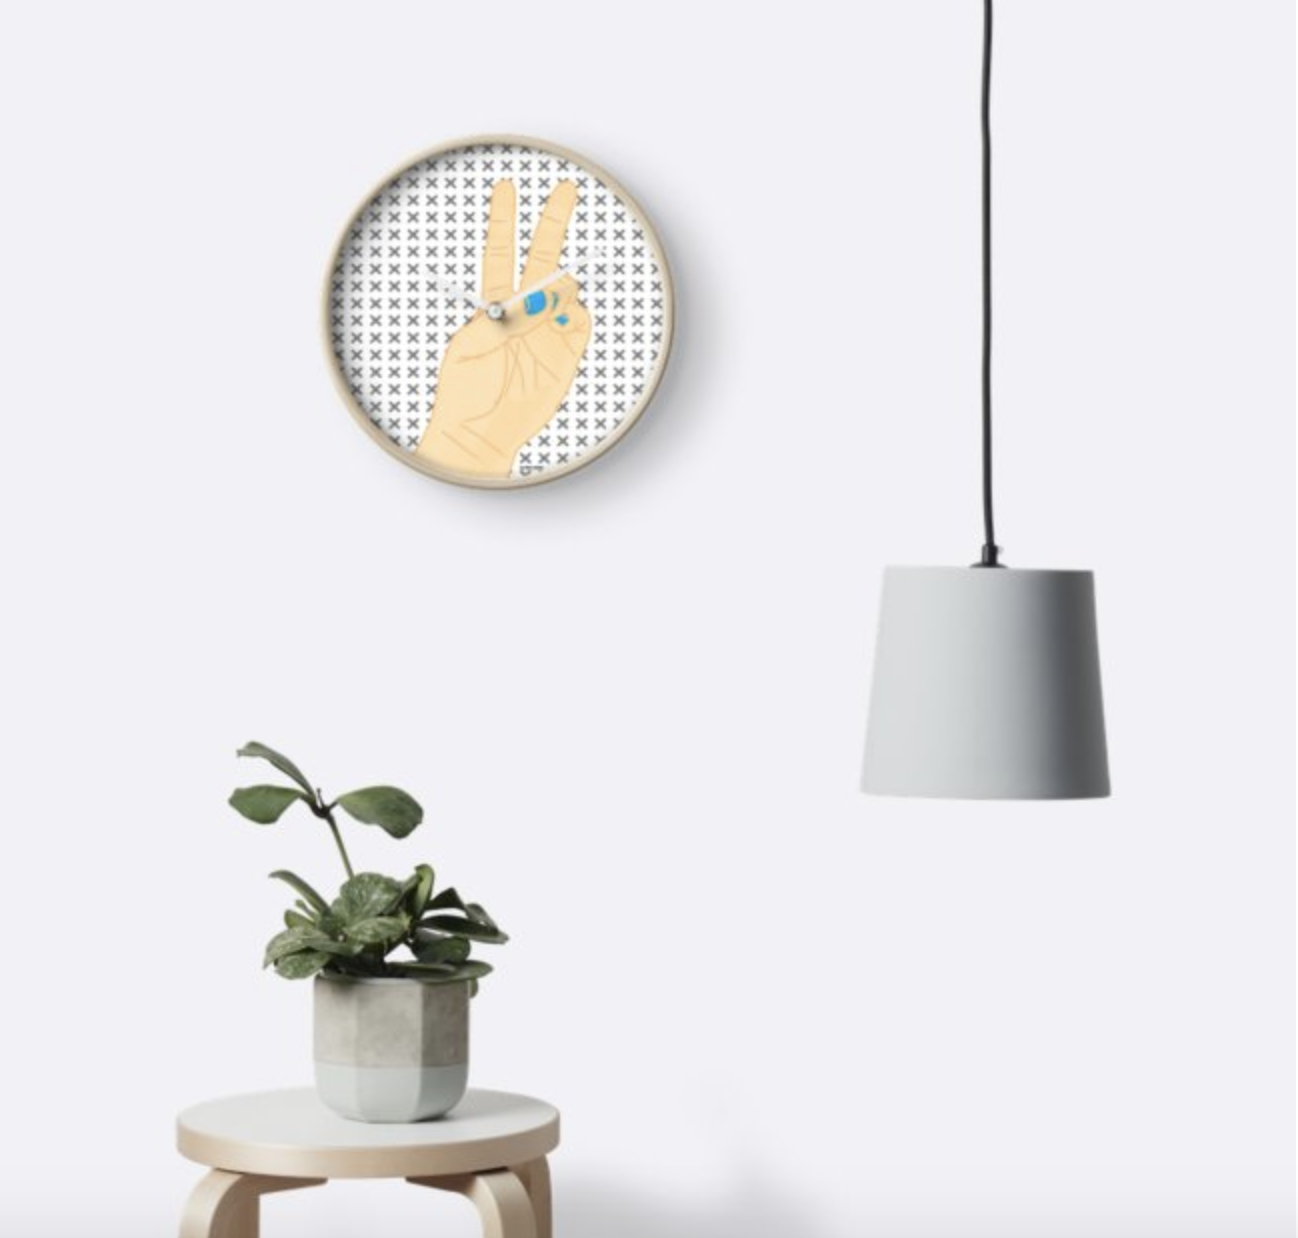 Lefty Peace - Wall Clock